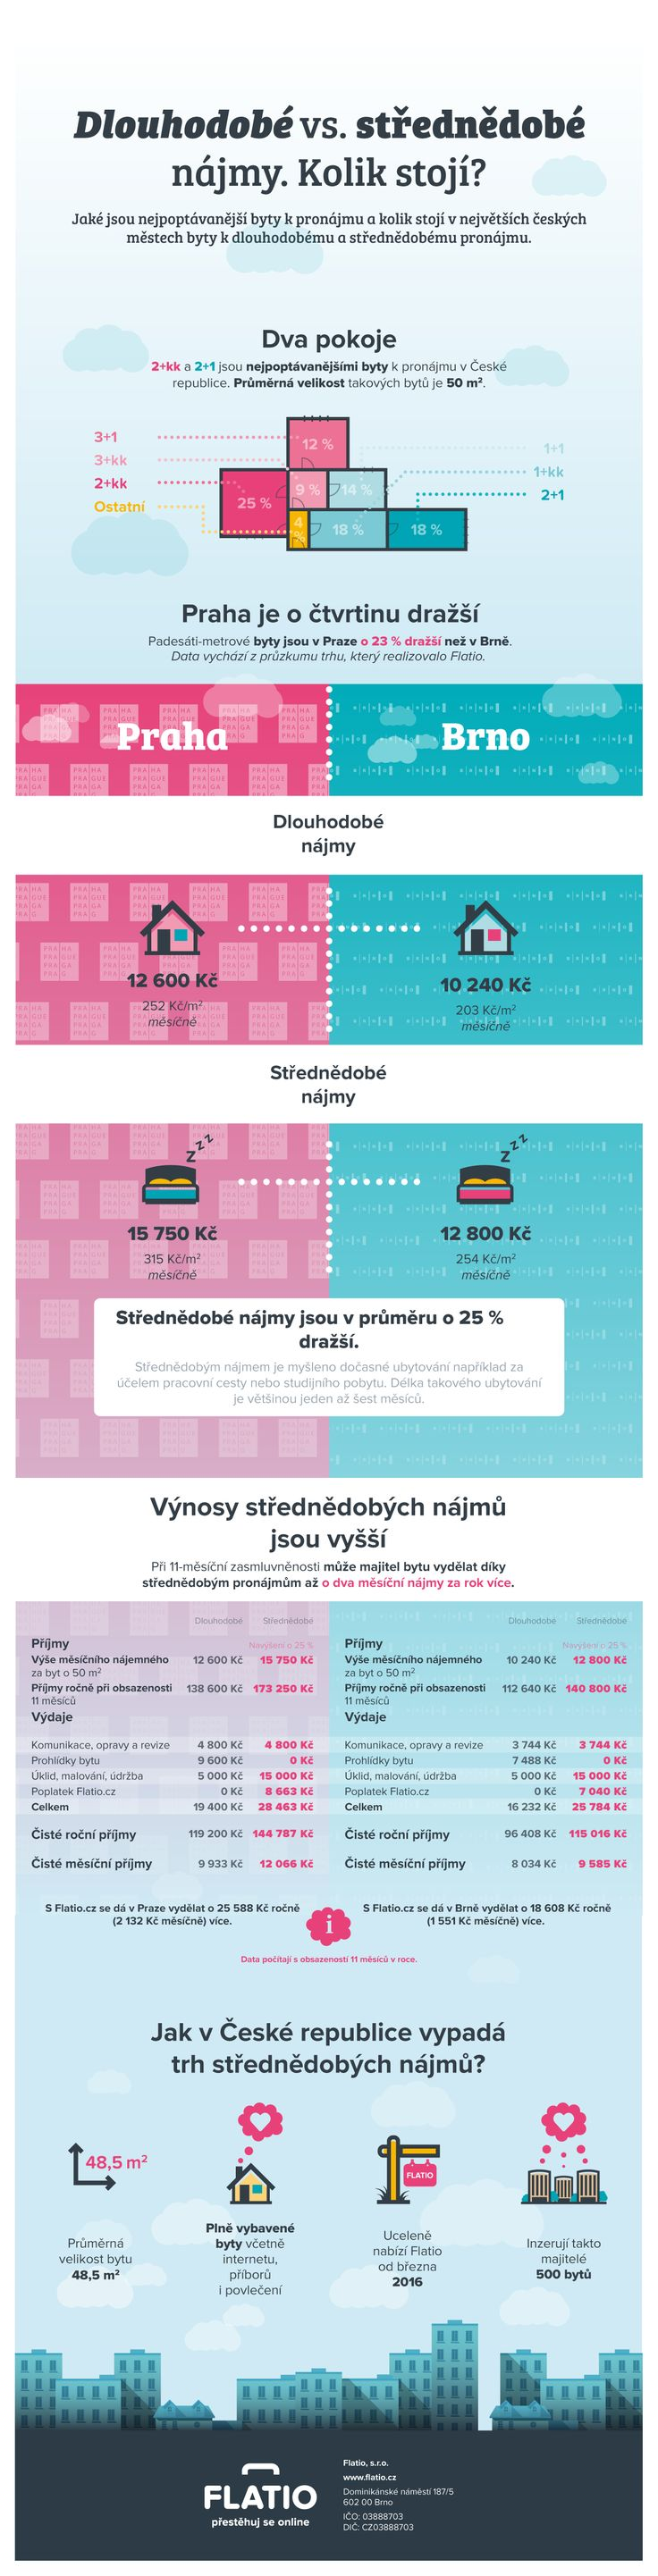 Infografika na téma porovnání střednědobých pronájmů v Brně a praze